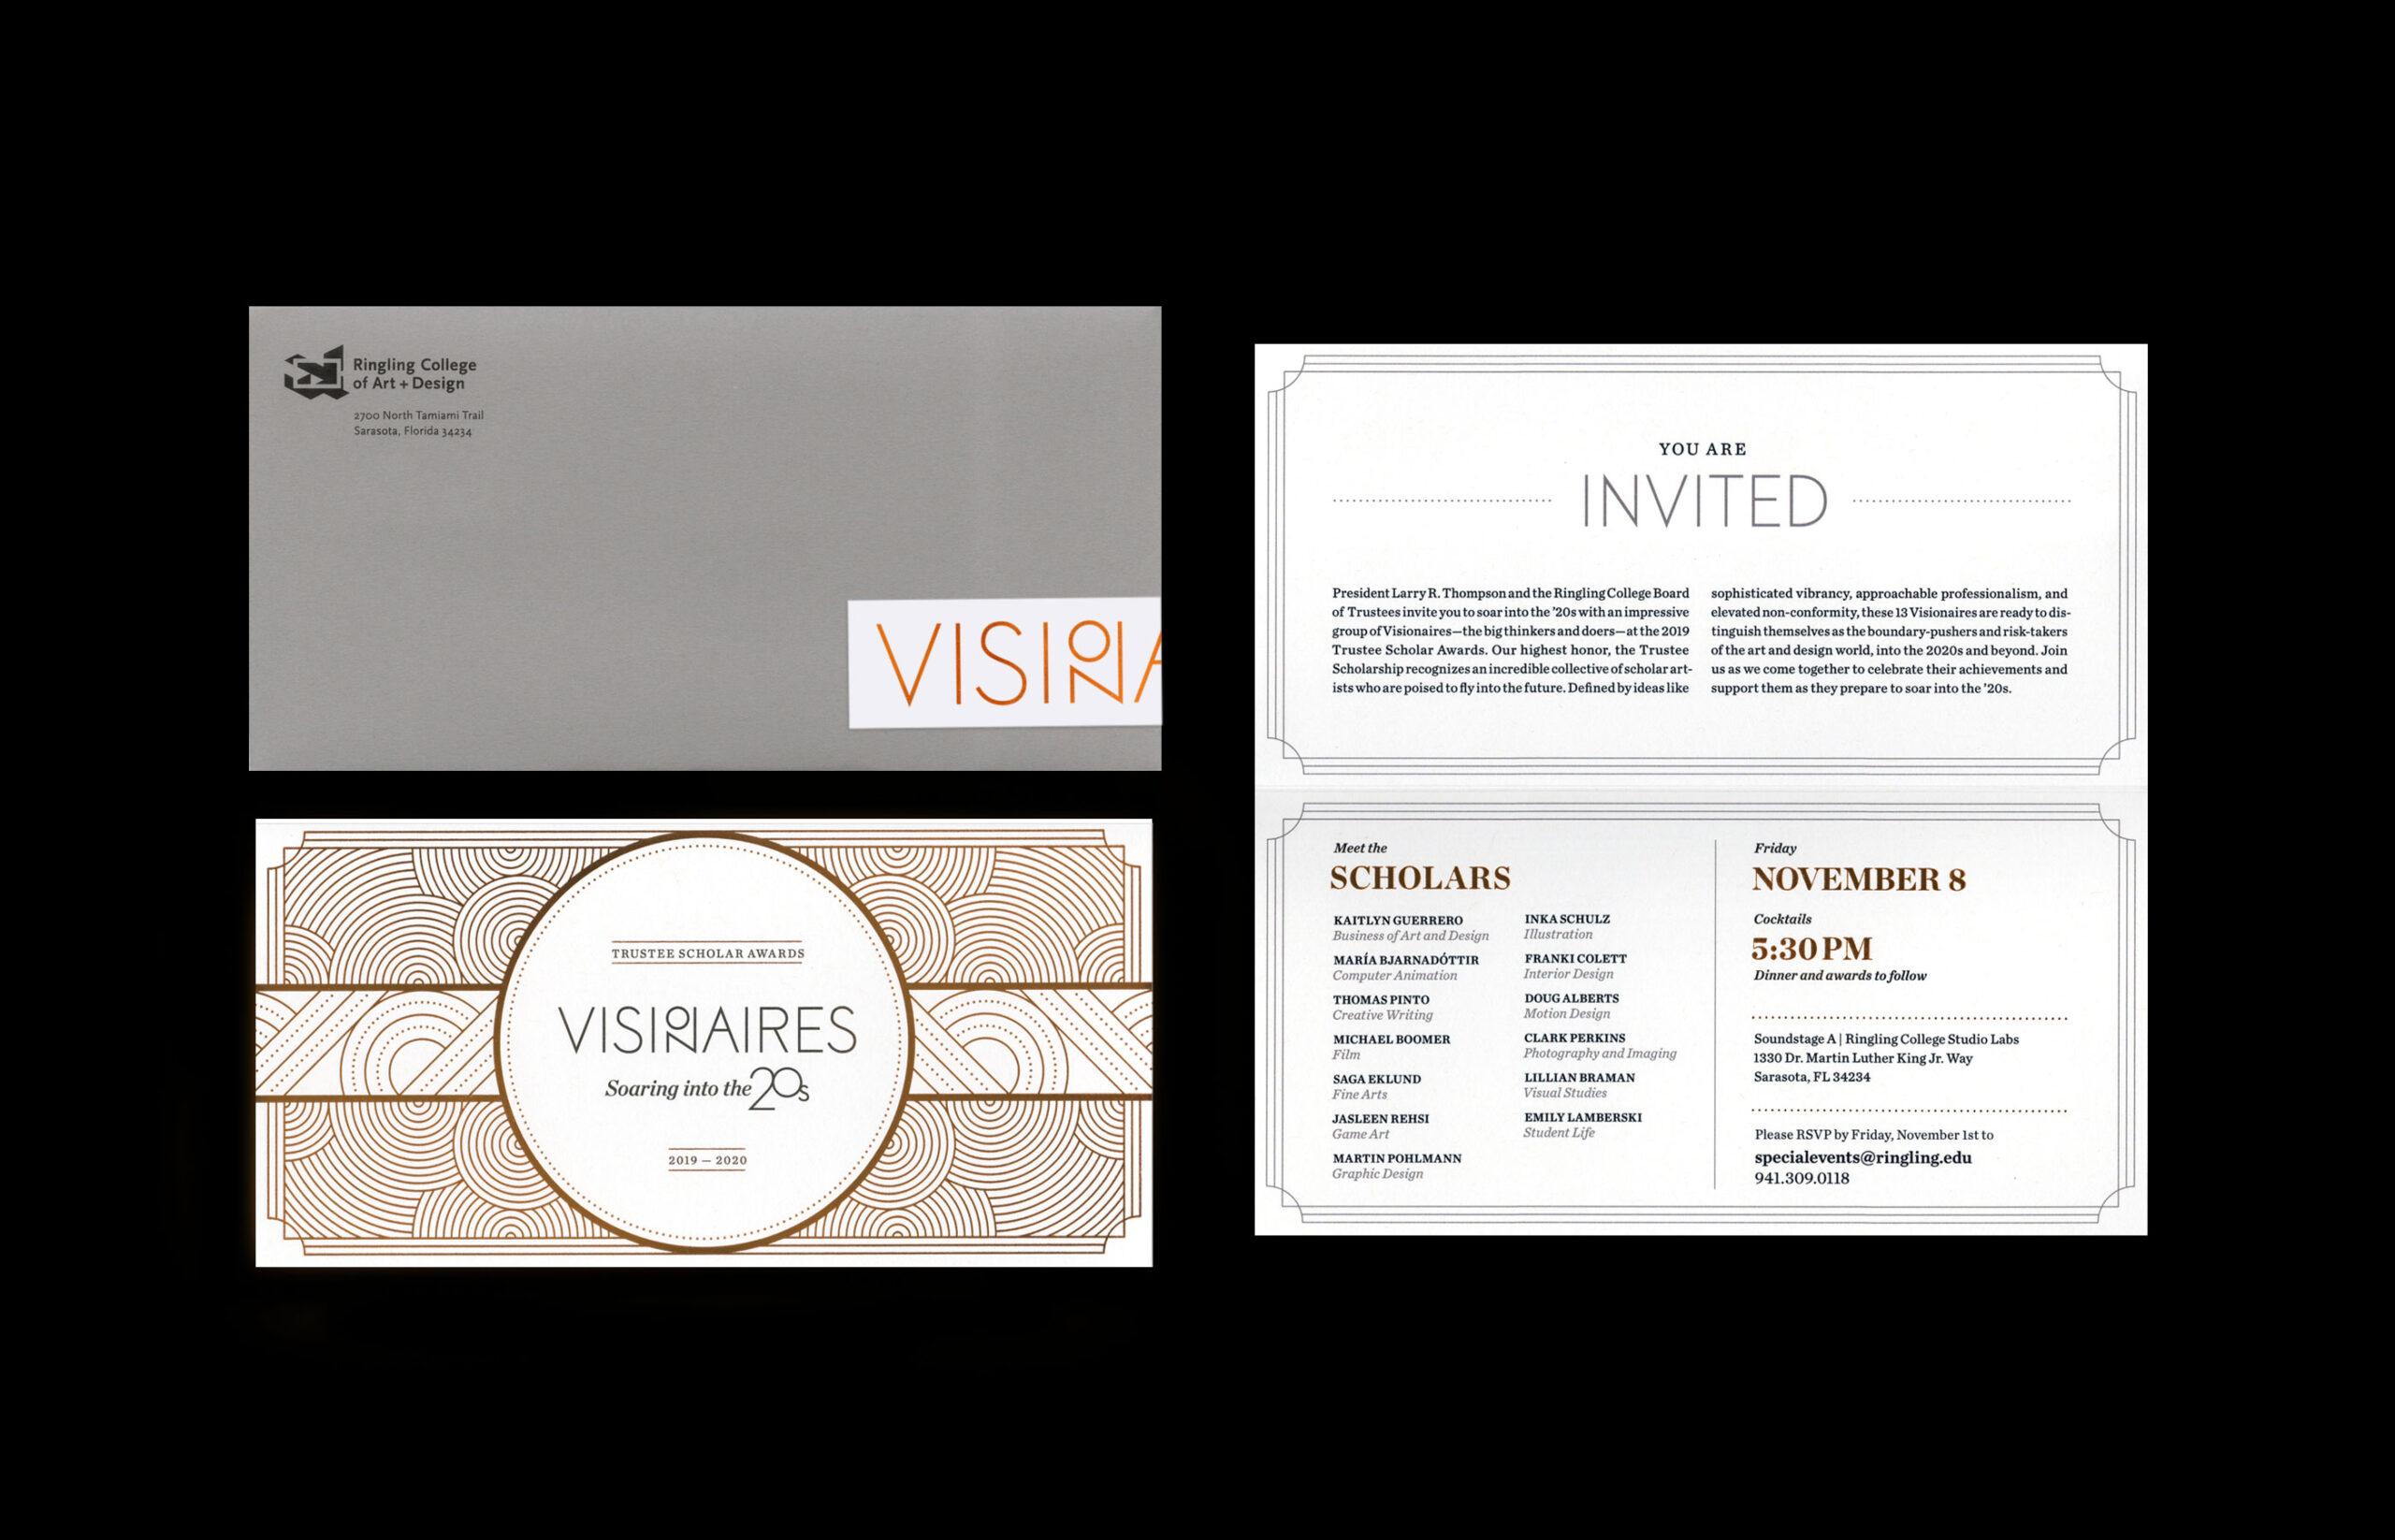 TS_Invitation-1